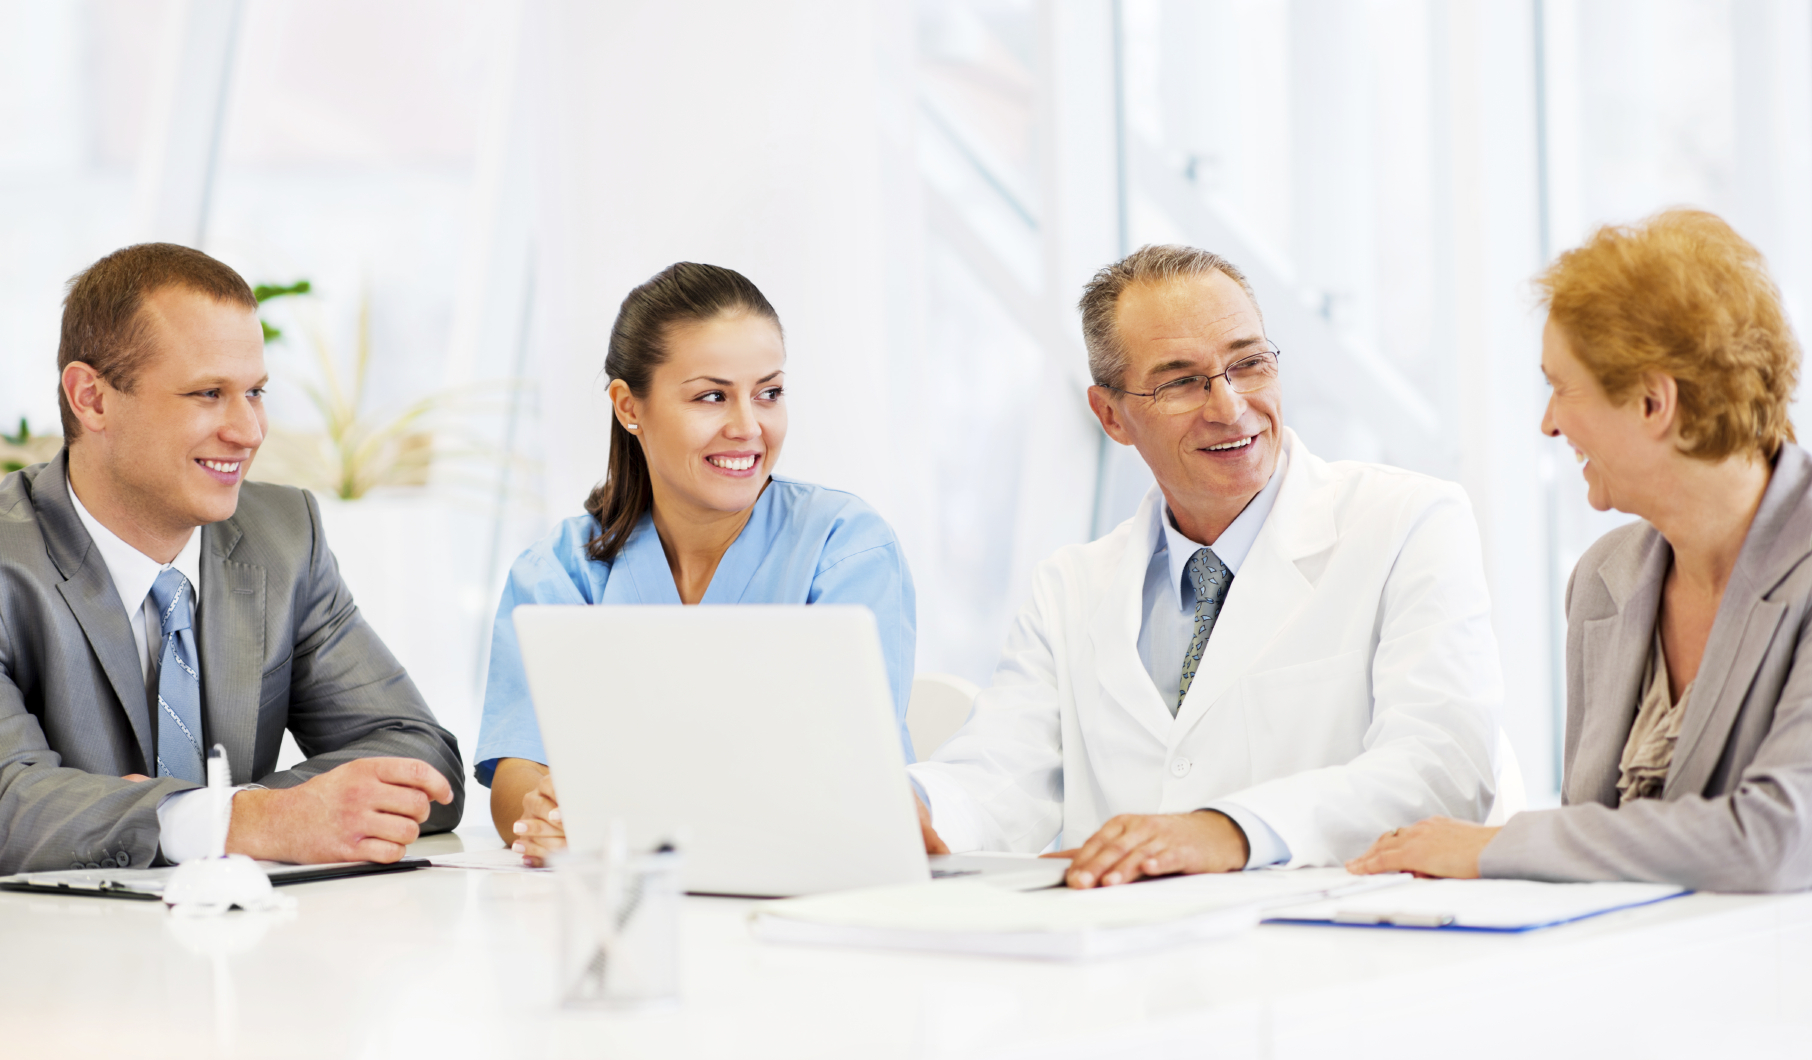 iStock 000020806130Medium - Simples Nacional: O que é? Quais as vantagens?